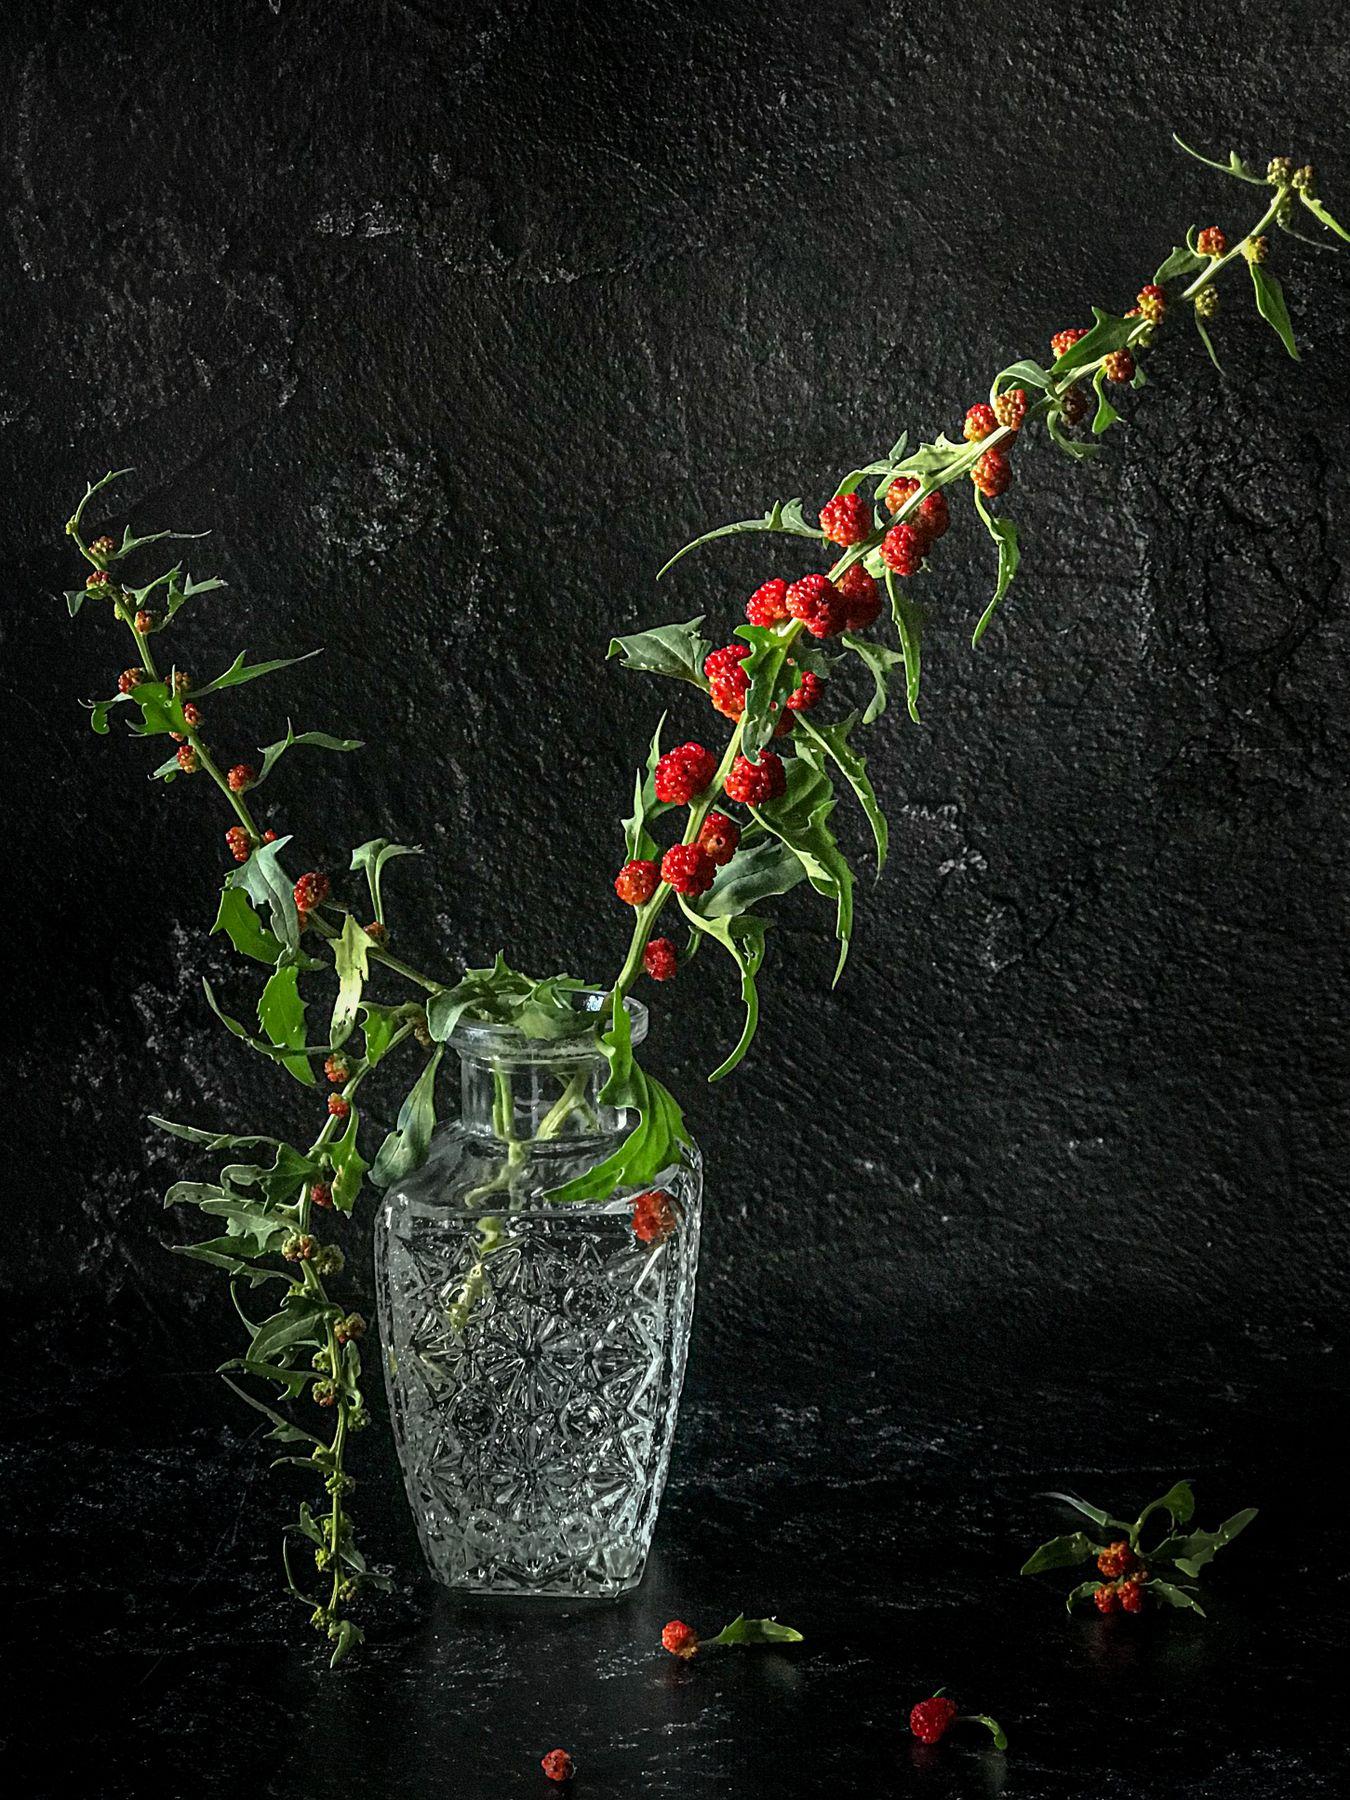 Шпинат земляничный Пряность земляничный ягоды натюрморт